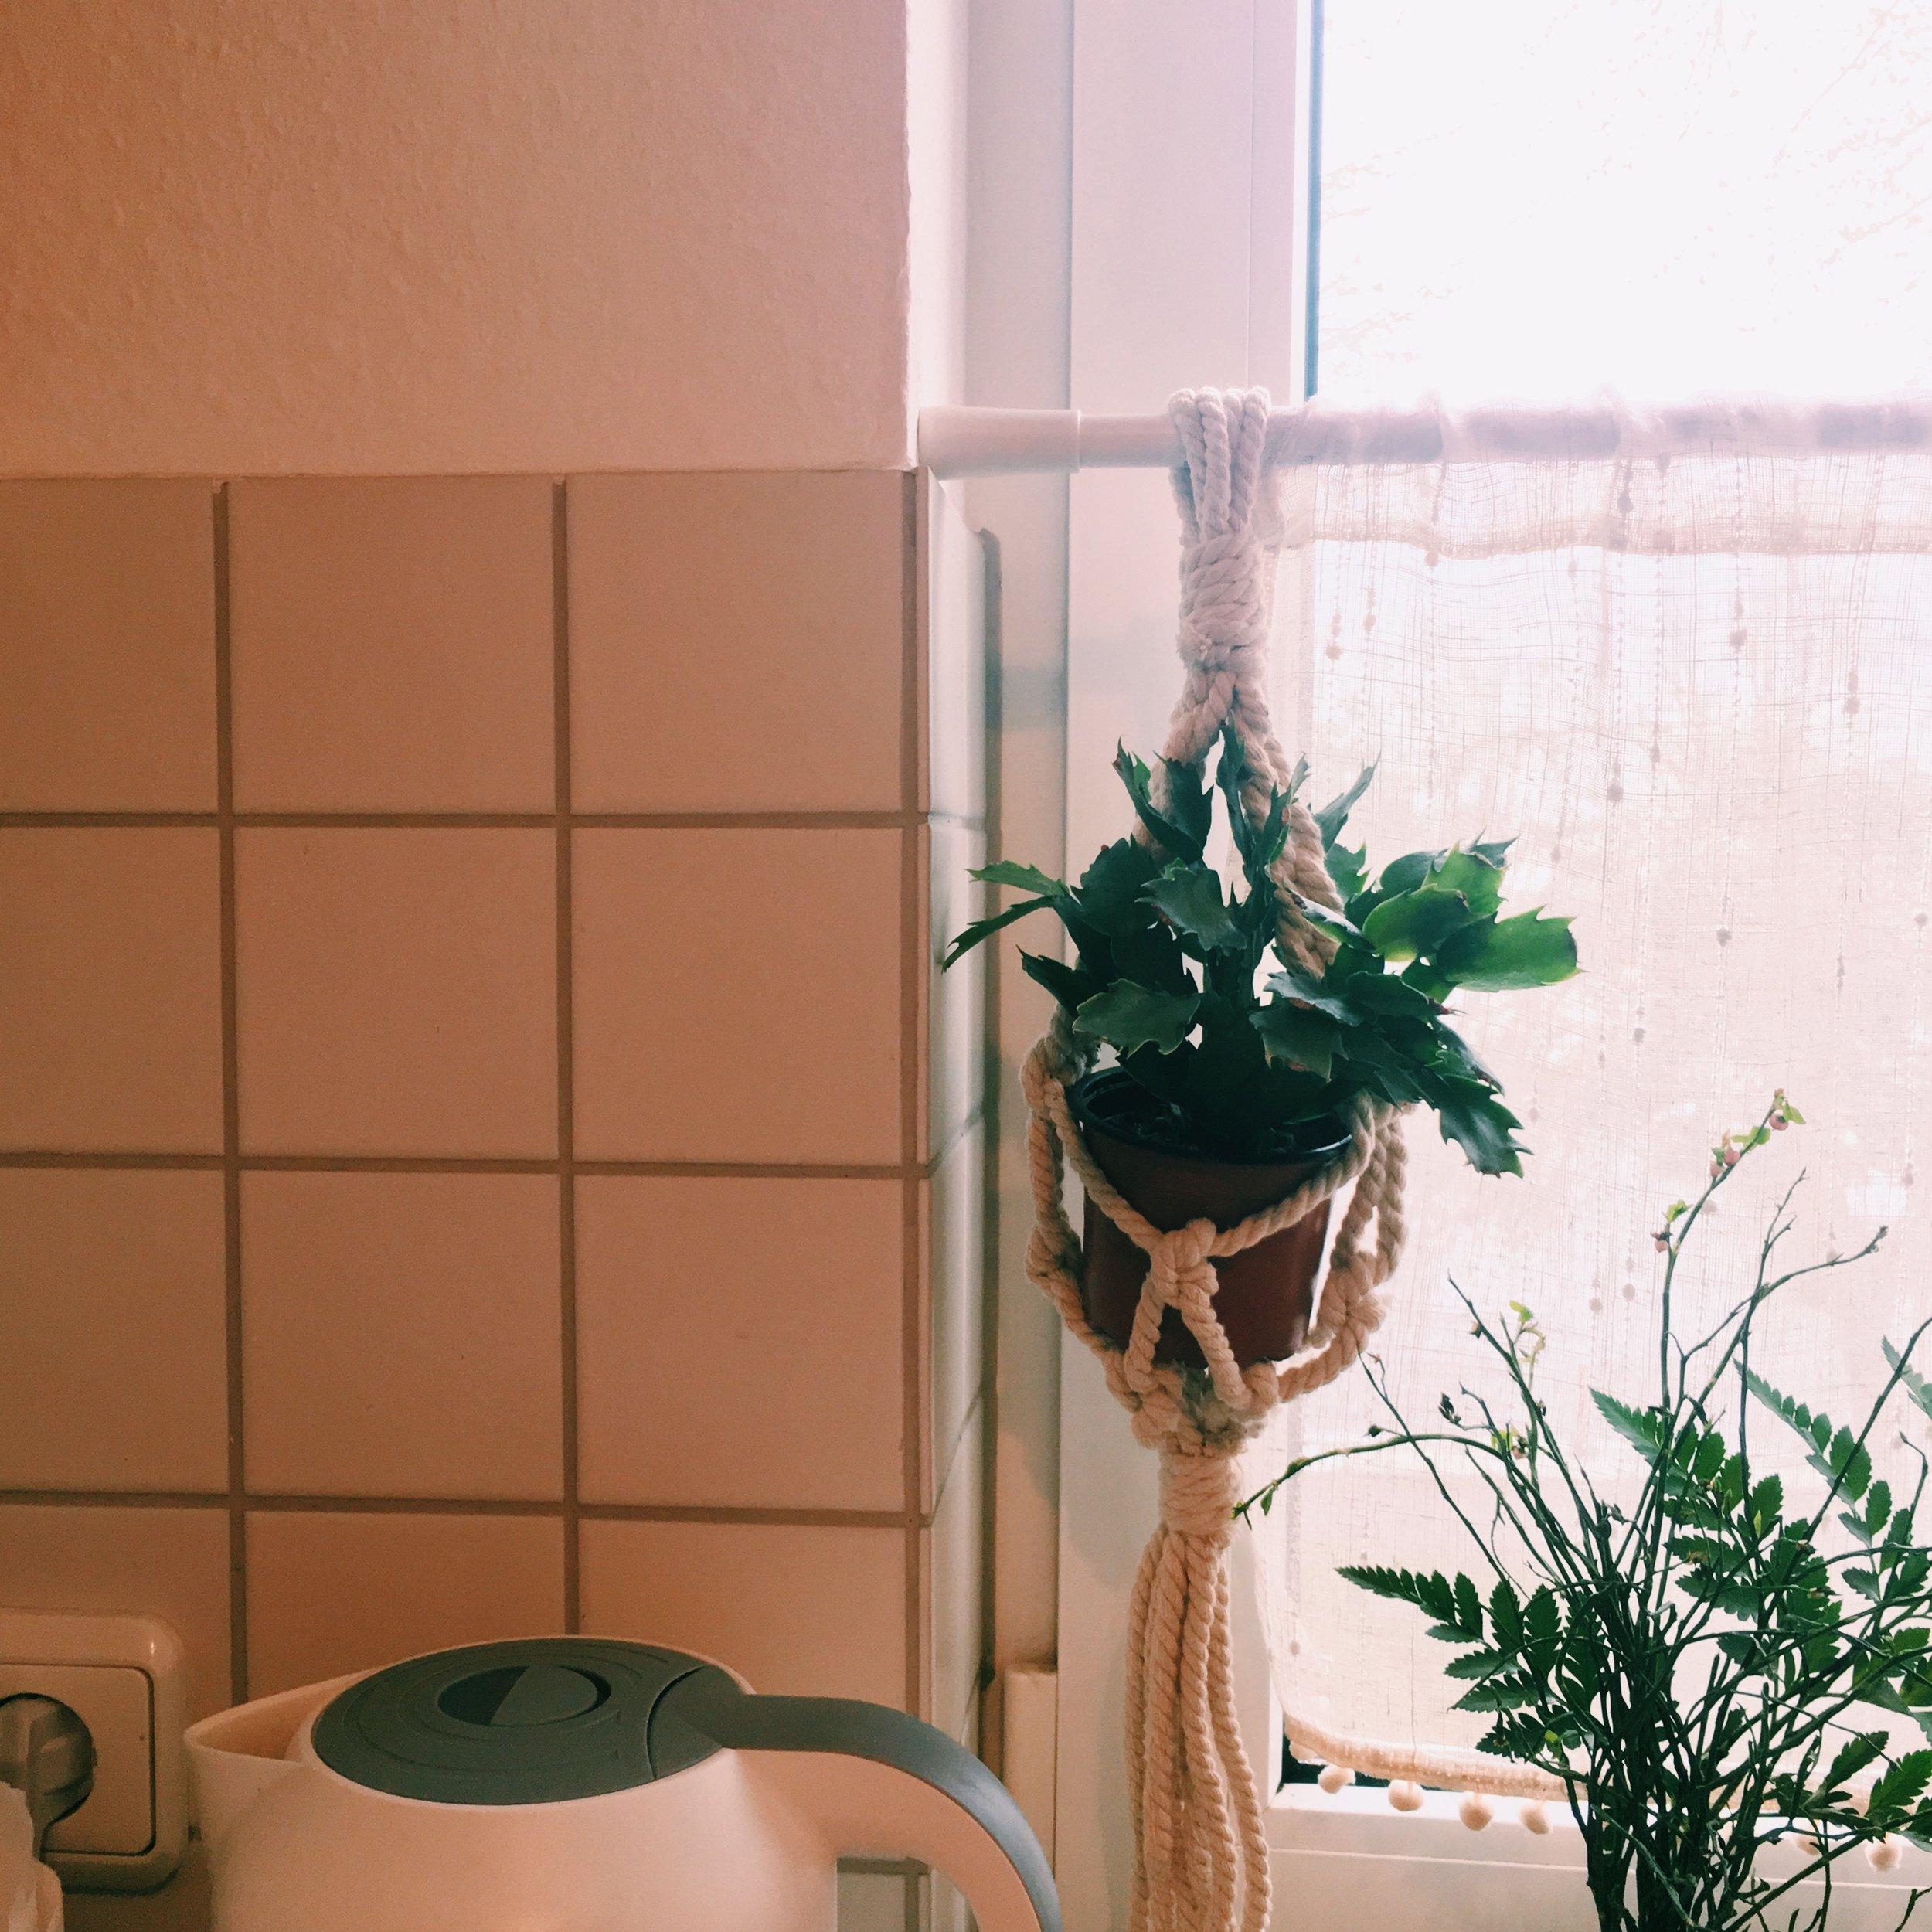 9.Christmas cactus - シャコバサボテン